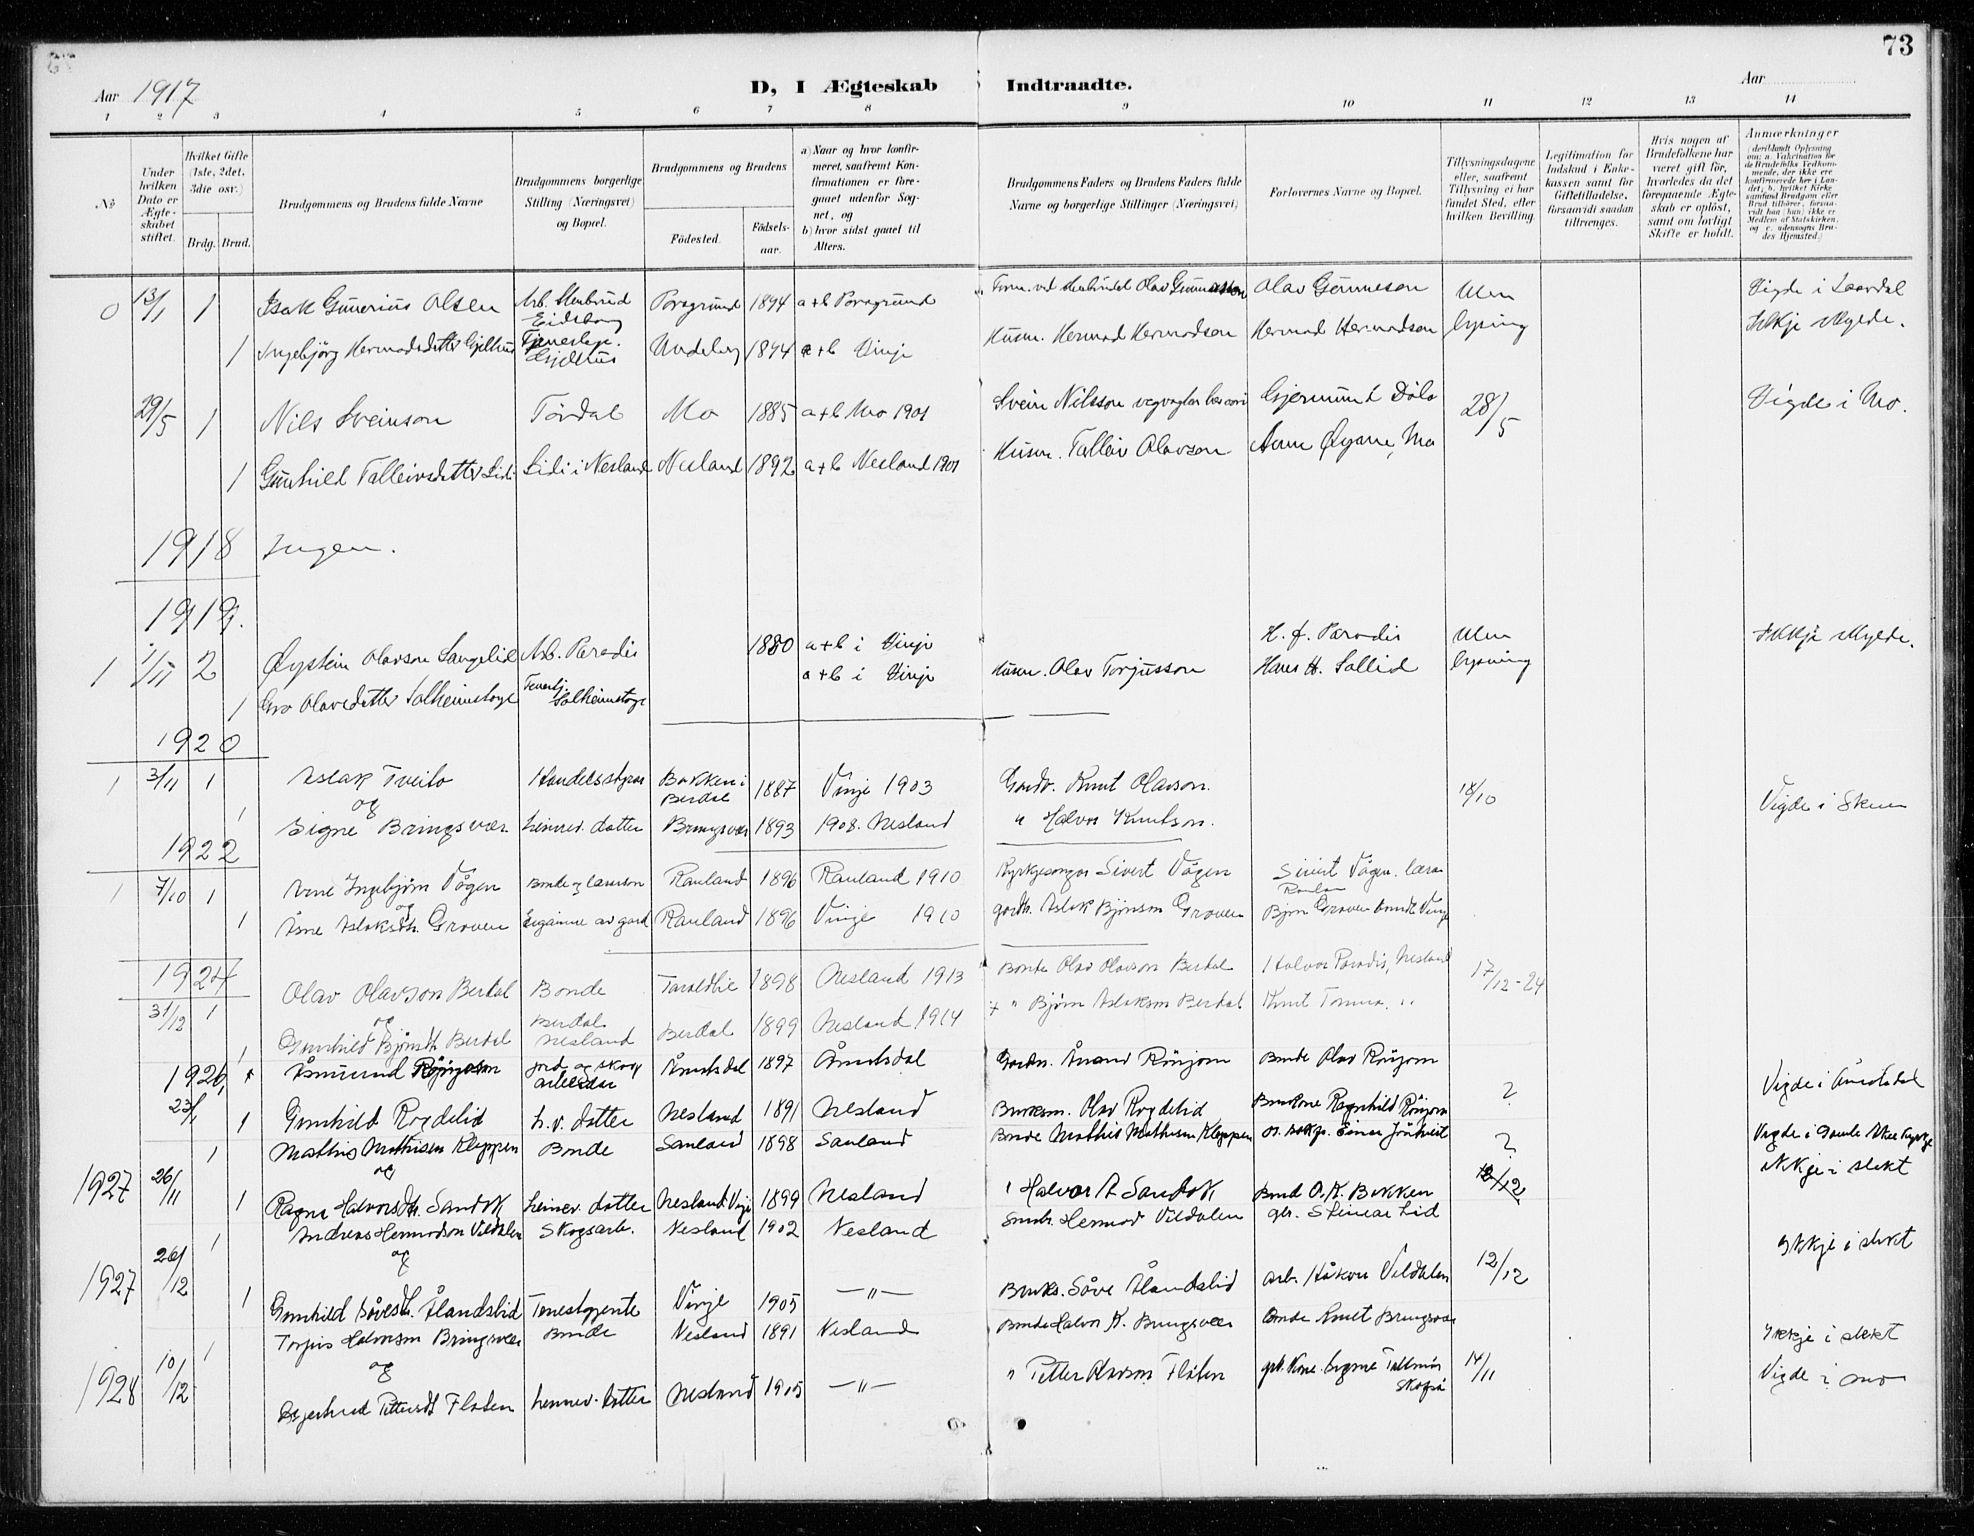 SAKO, Vinje kirkebøker, G/Gb/L0003: Klokkerbok nr. II 3, 1892-1943, s. 73